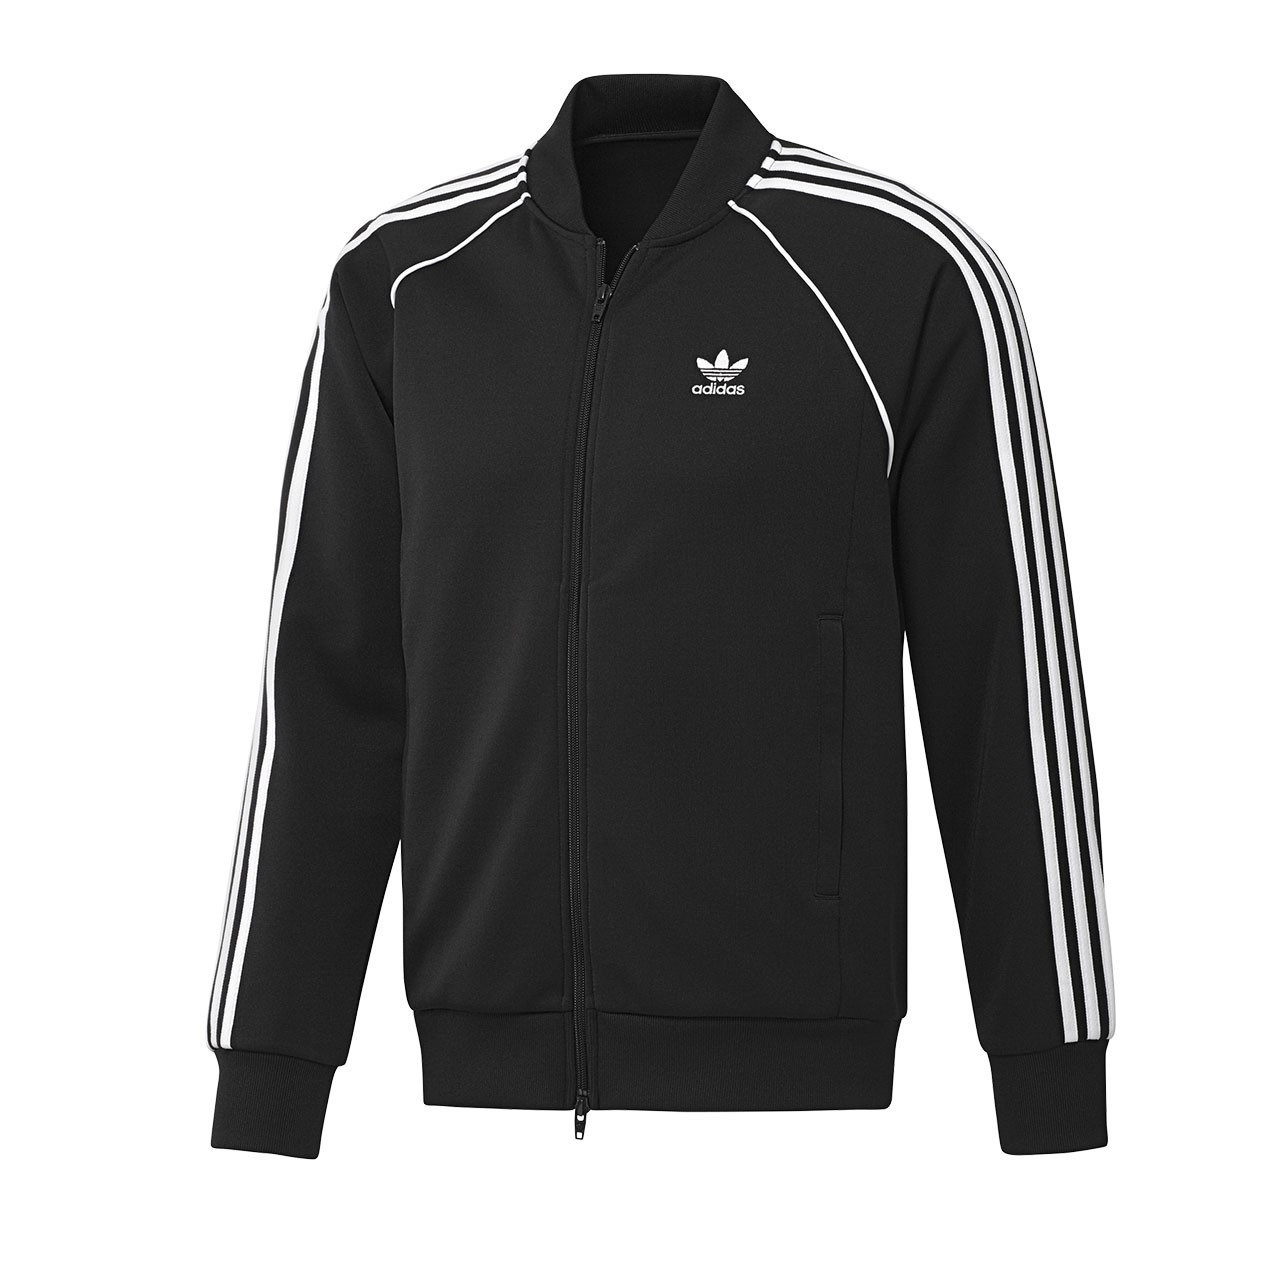 Vestes de survêtement Adidas Originals SST TRACK TOP